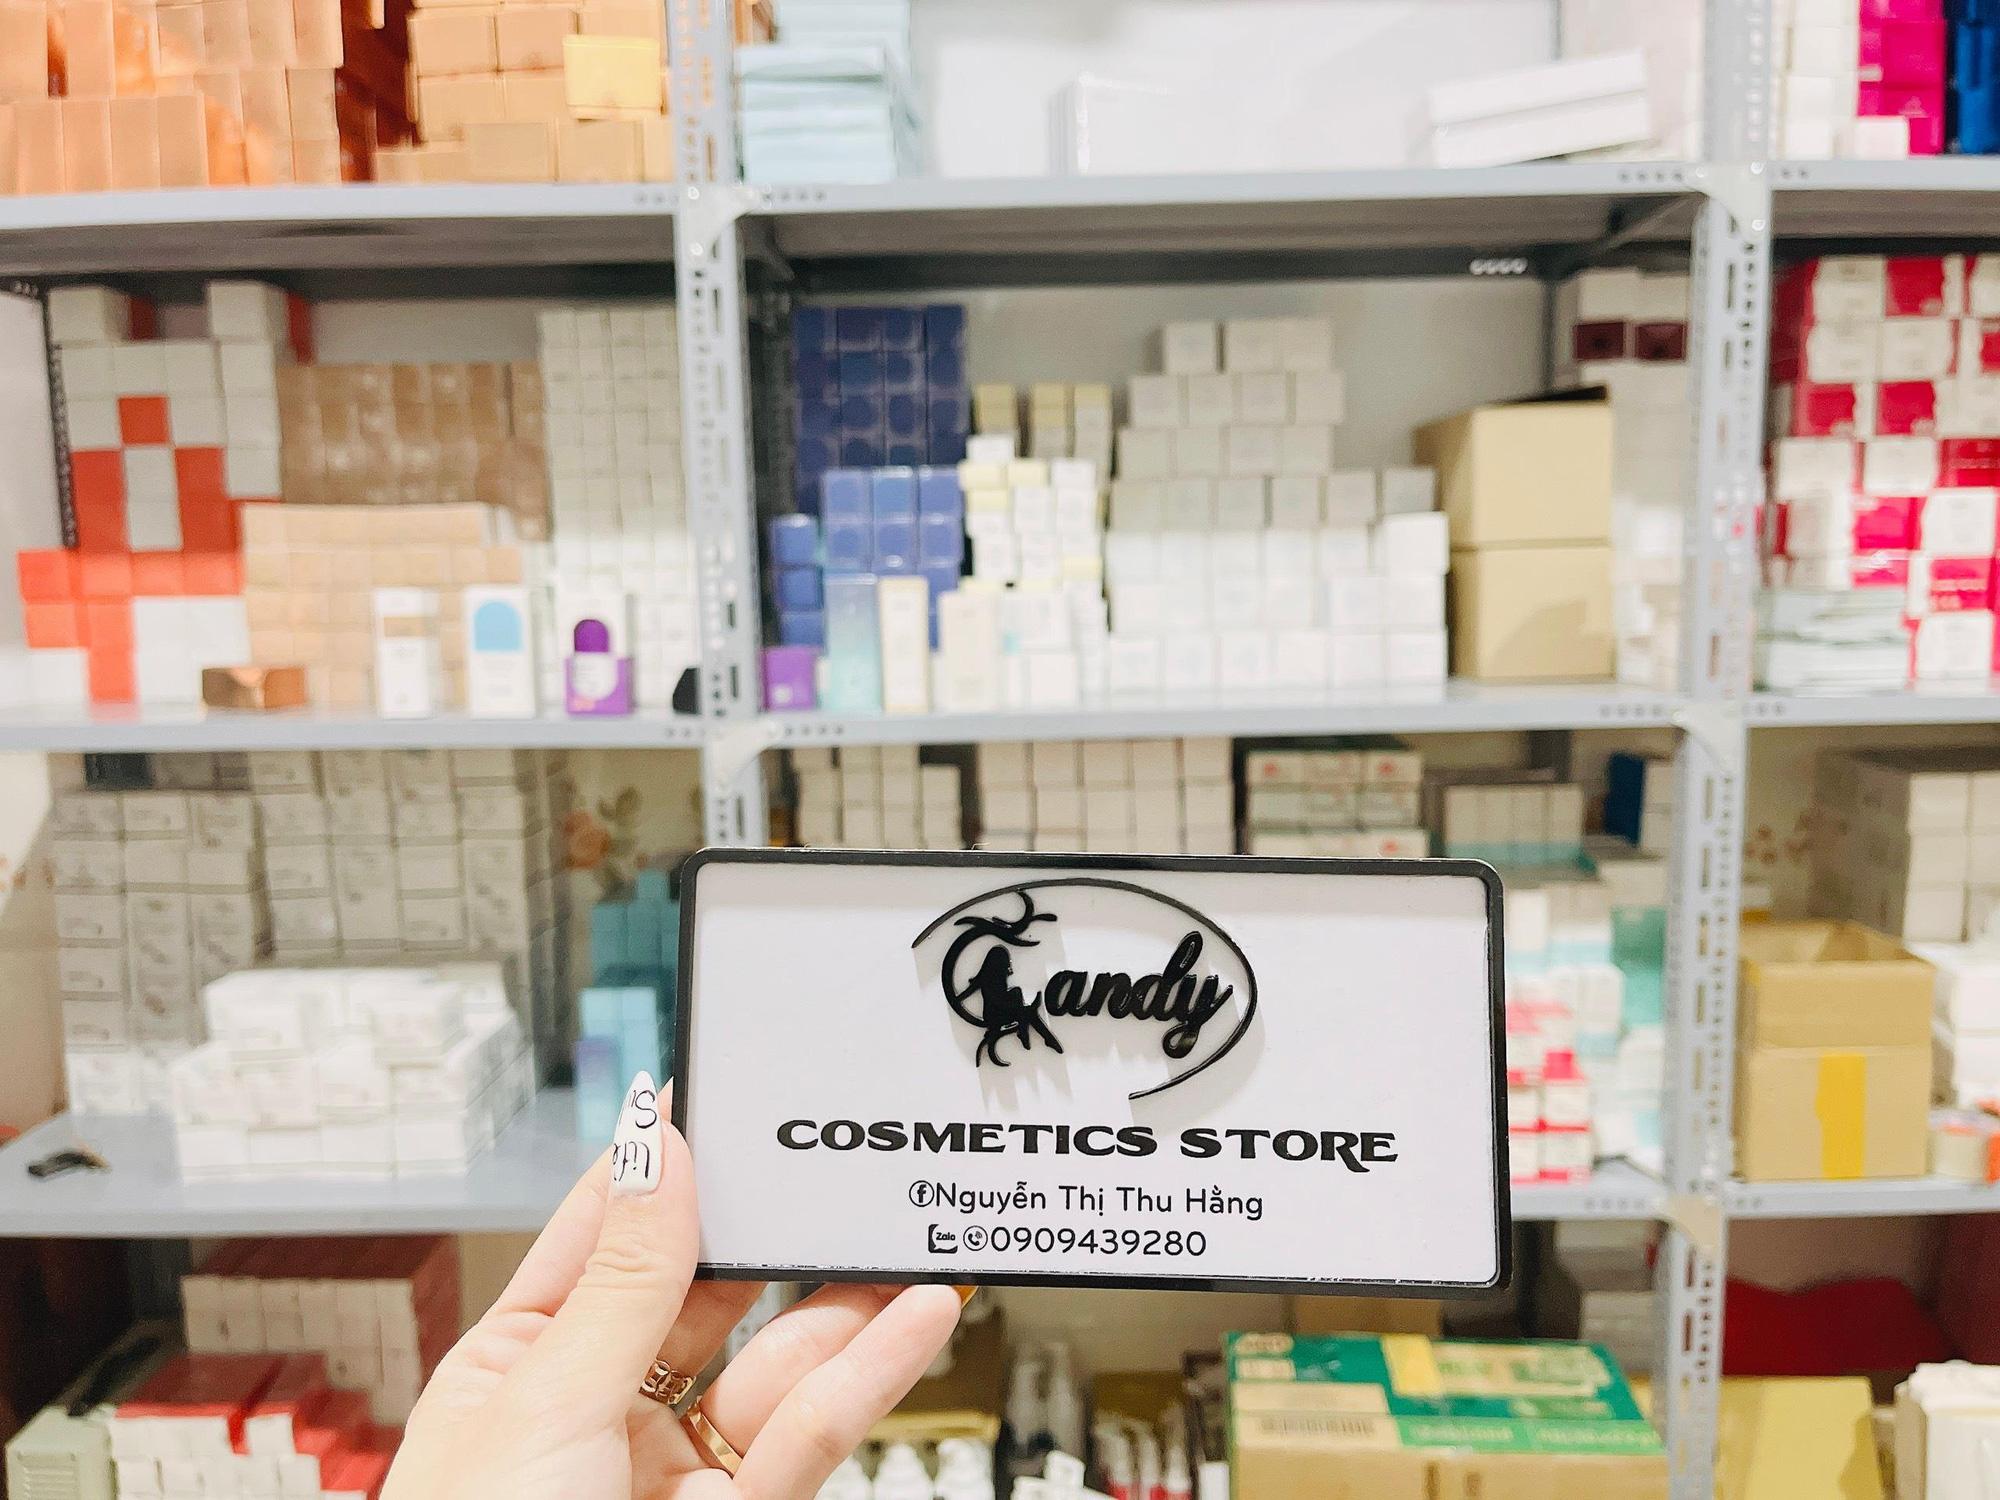 Candy Cosmetics Store - Khởi nghiệp từ đam mê - Ảnh 3.